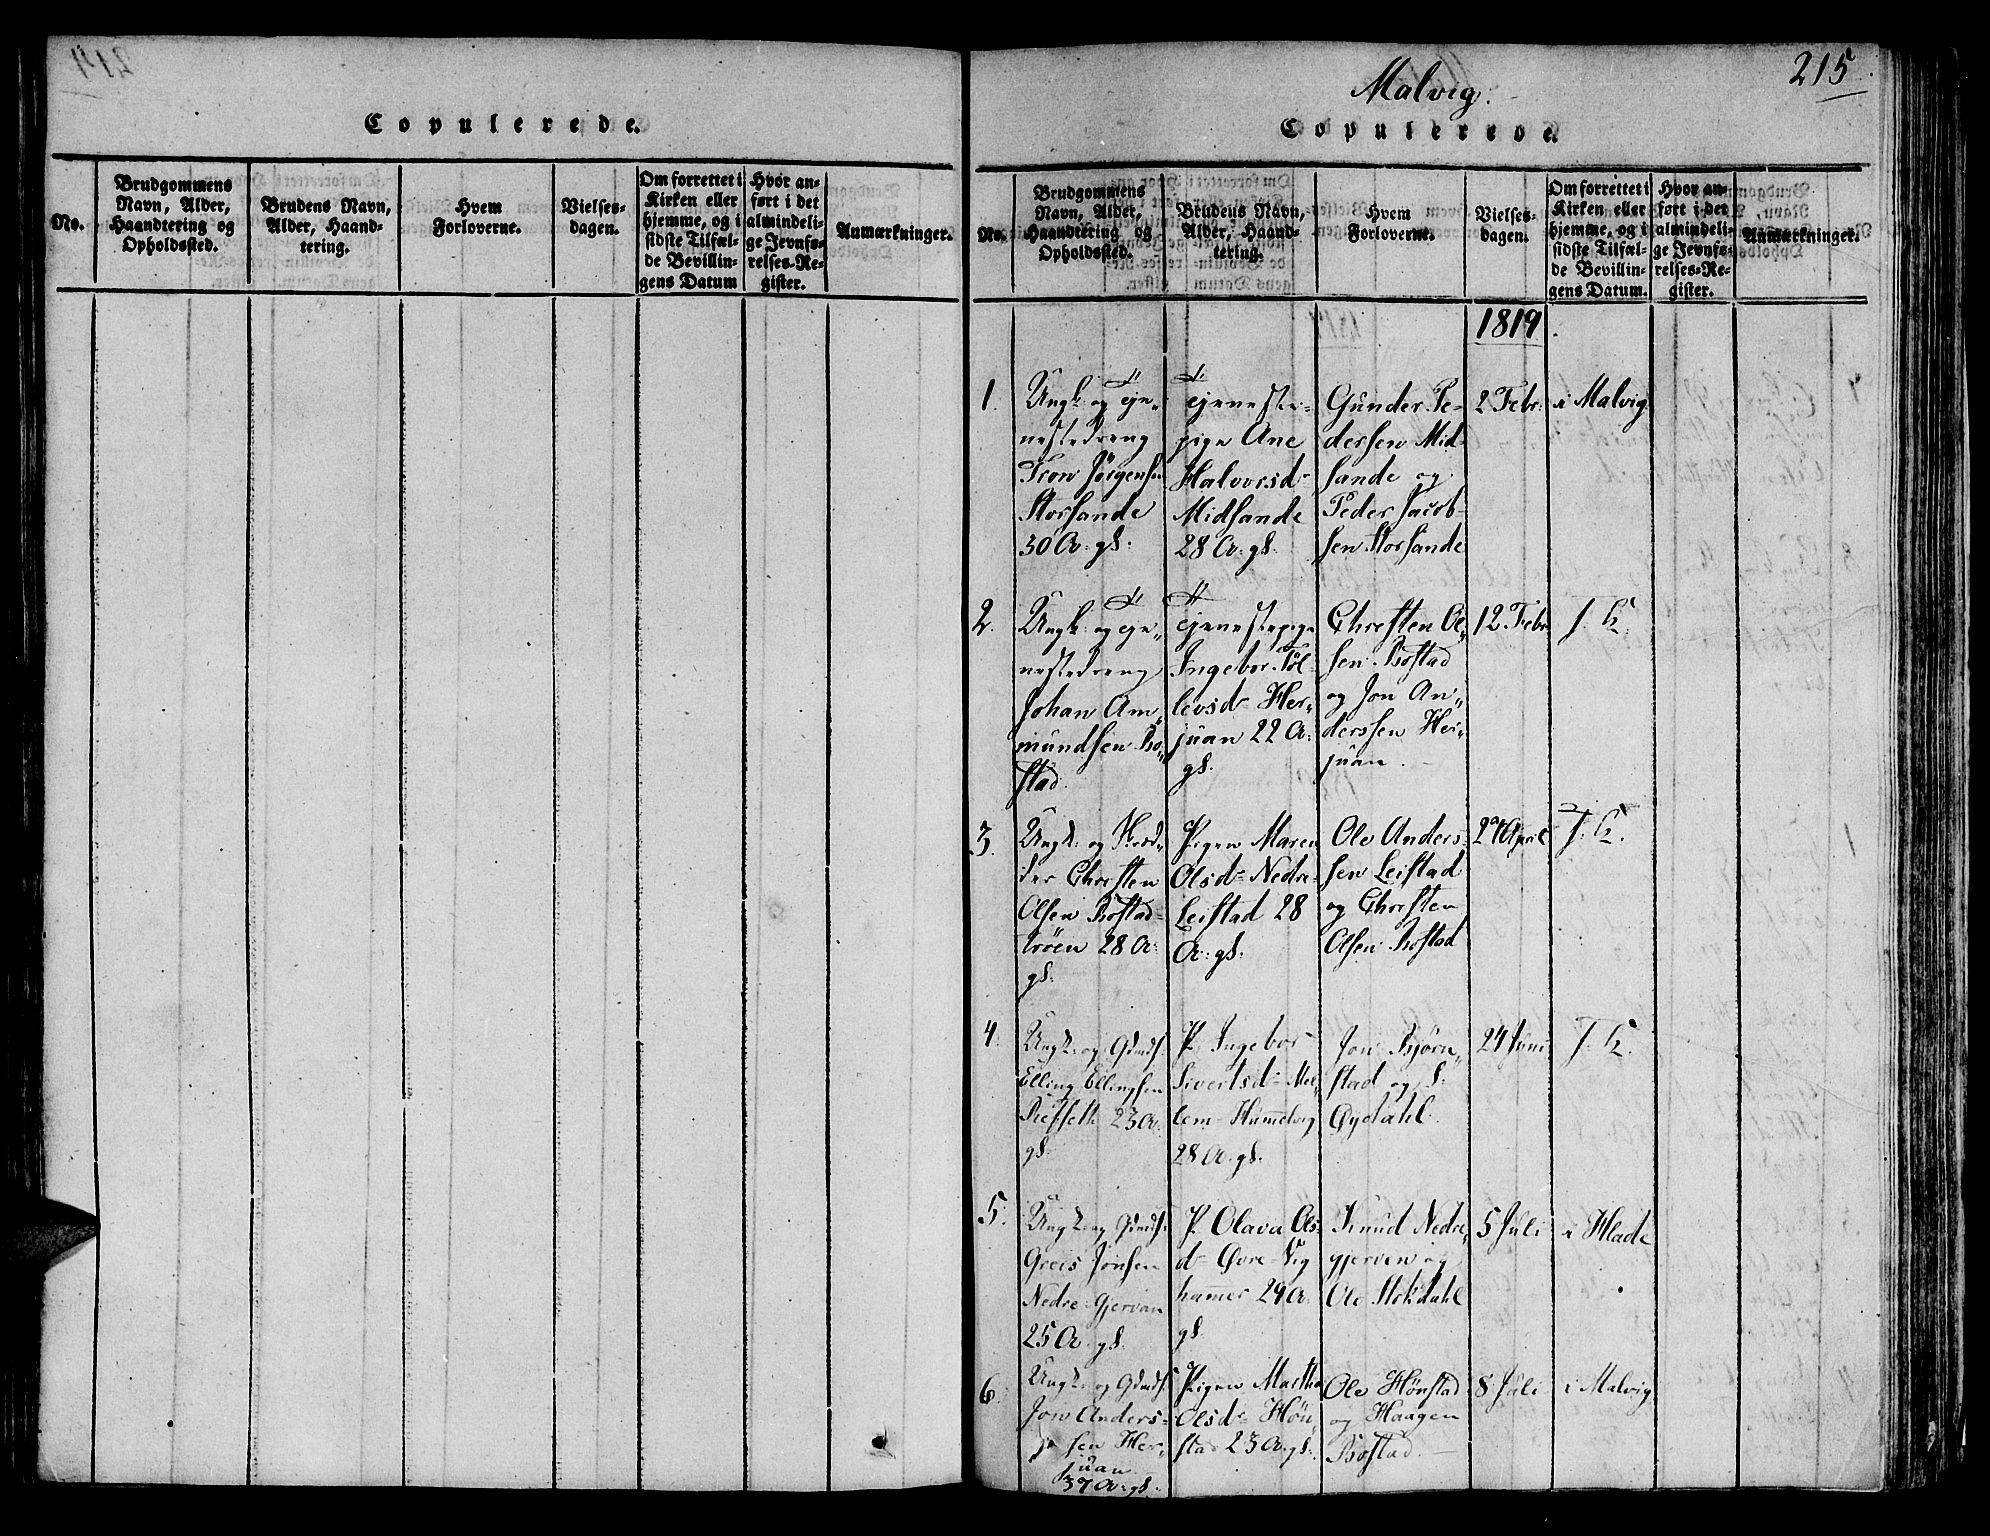 SAT, Ministerialprotokoller, klokkerbøker og fødselsregistre - Sør-Trøndelag, 606/L0284: Ministerialbok nr. 606A03 /2, 1819-1823, s. 215